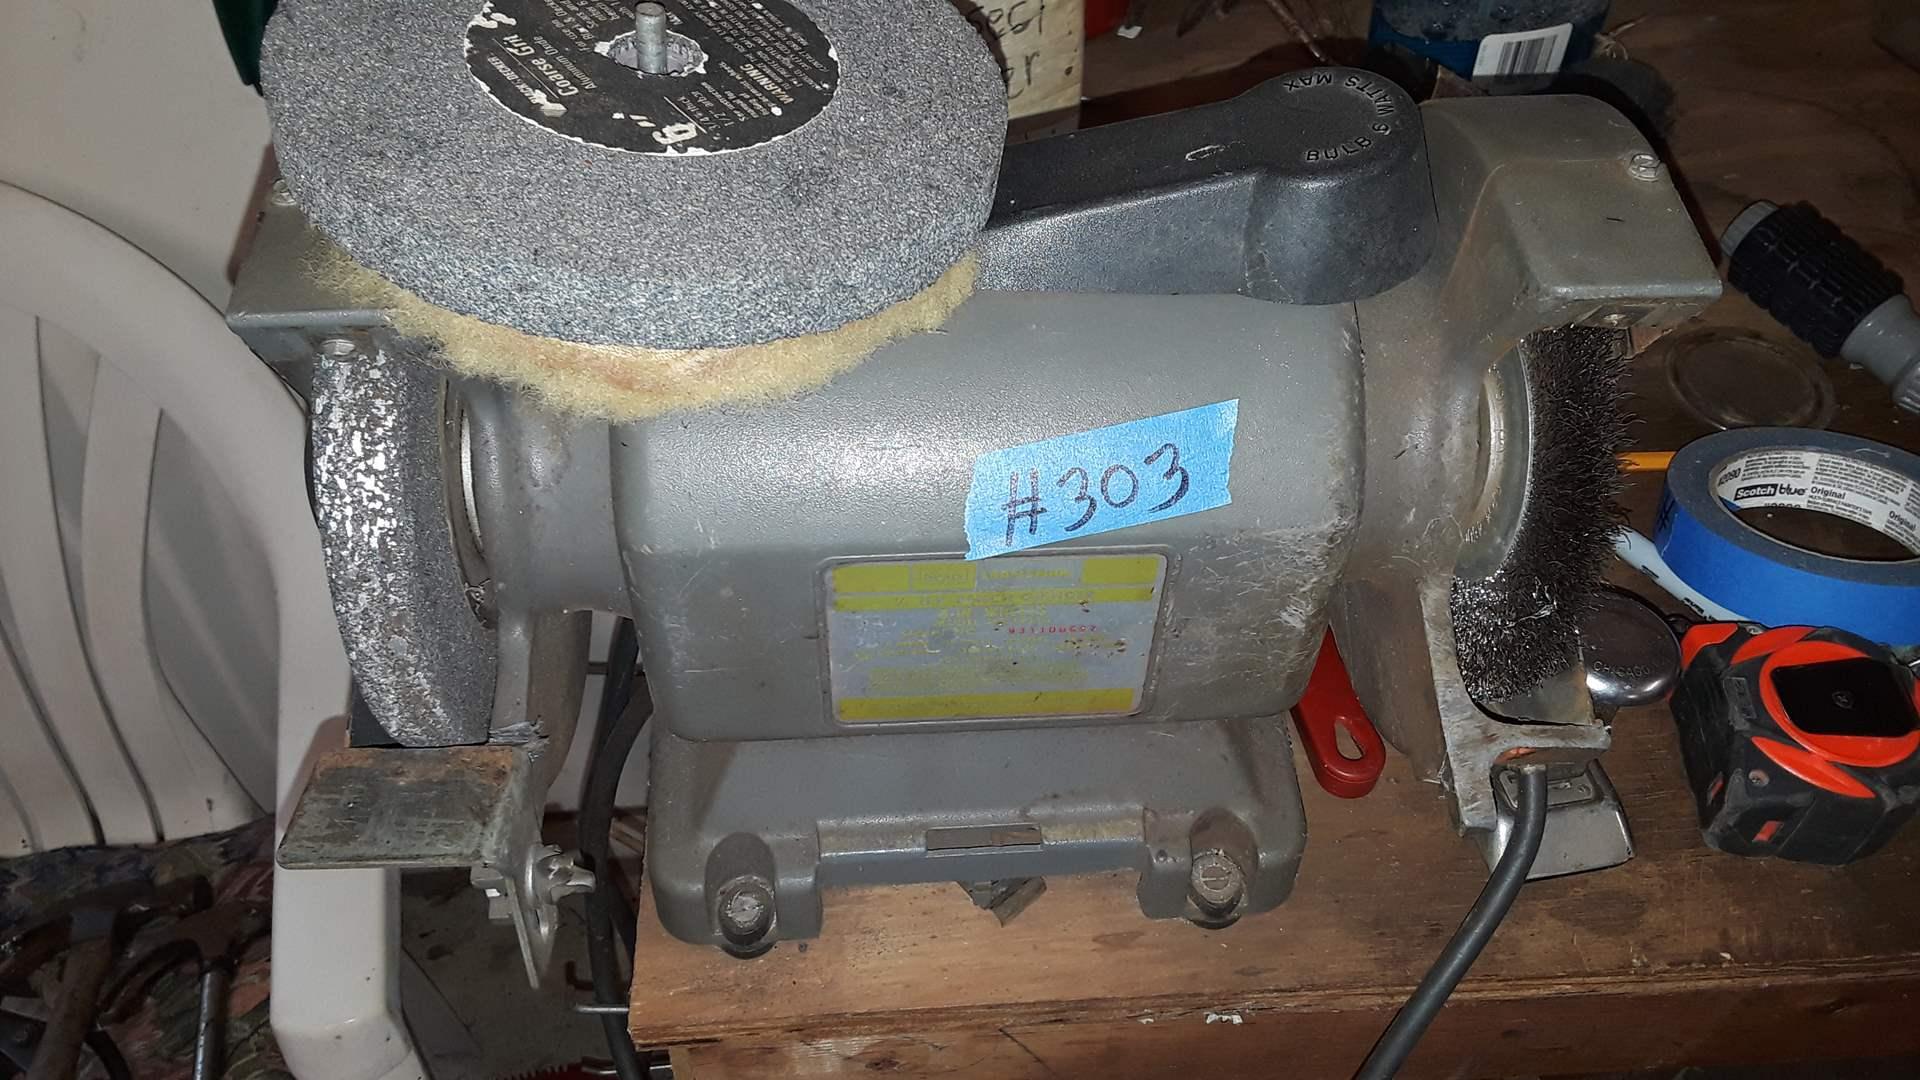 Lot # 303 VINTAGE CRAFTSMAN BENCH GRINDER, WORKS, MODEL 397